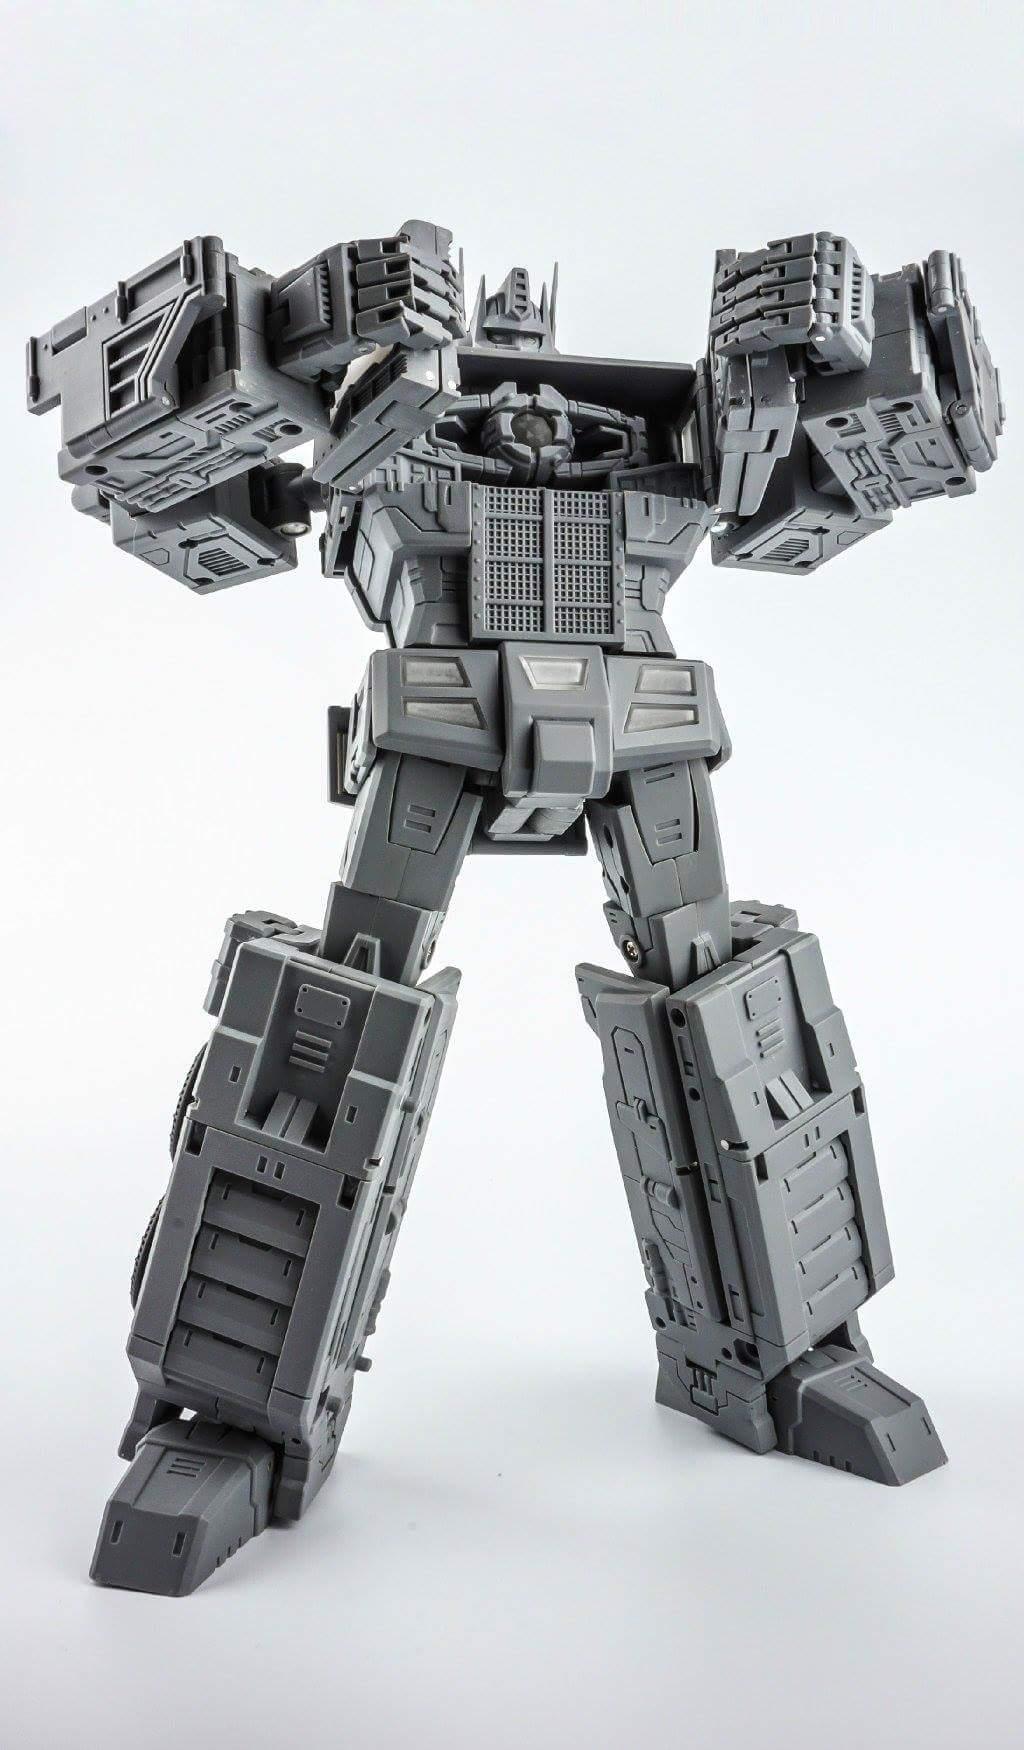 [ToyWorld][Zeta Toys] Produit Tiers - TW-M01 Primorion/Zeta-EX6O OriPrime et Zeta -EX6E EvaPrime - aka Optimus (G1 et Evangelion) XuTePVry